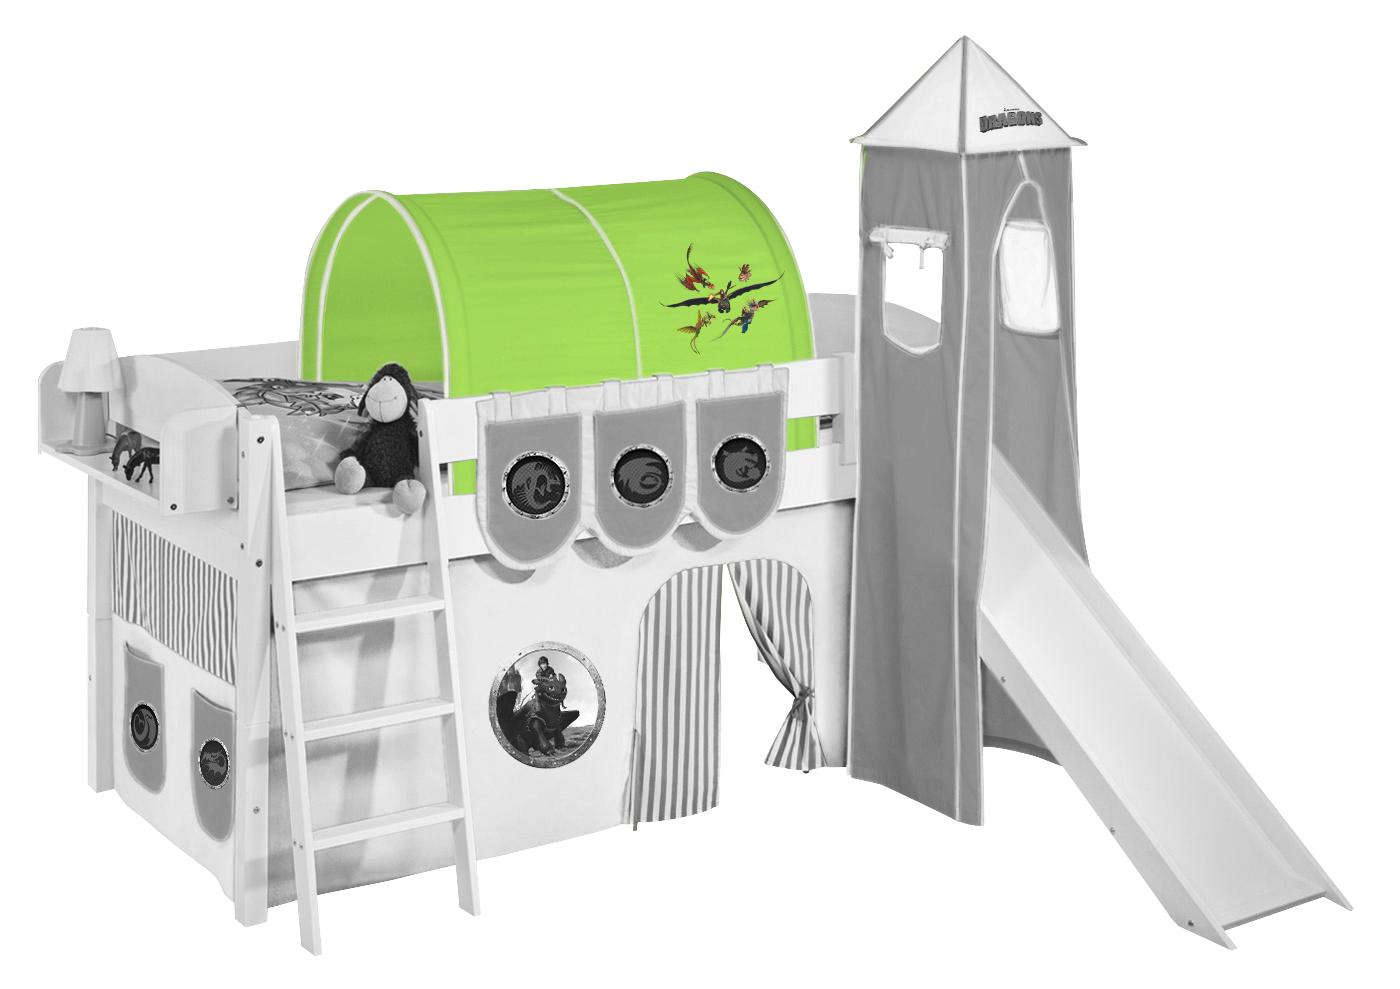 Tunnel Set Etagenbett : Tunnel dragons grün für hochbett spielbett und etagenbett ebay